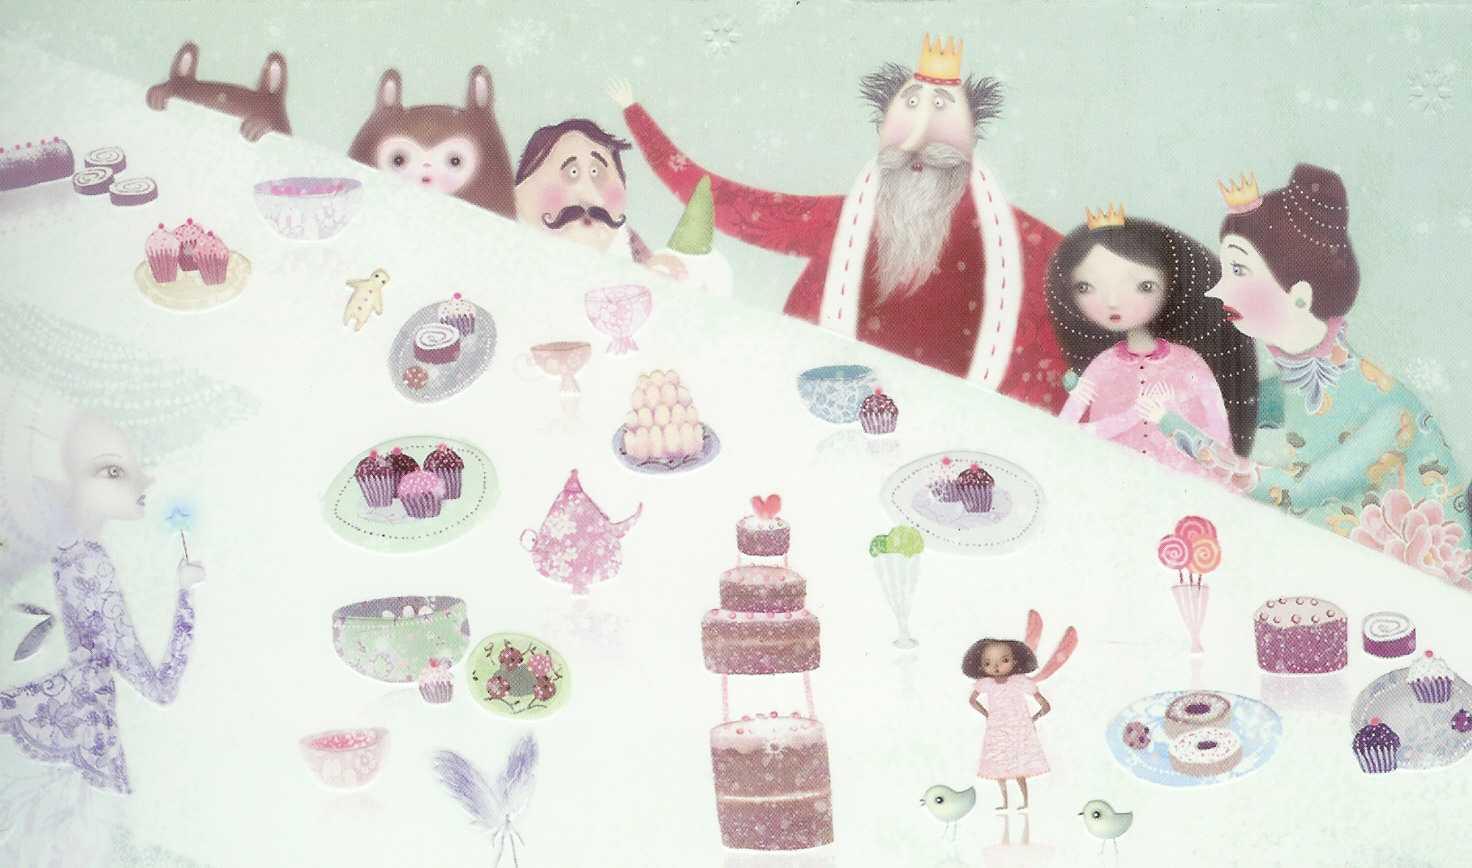 princesa-nieves-1